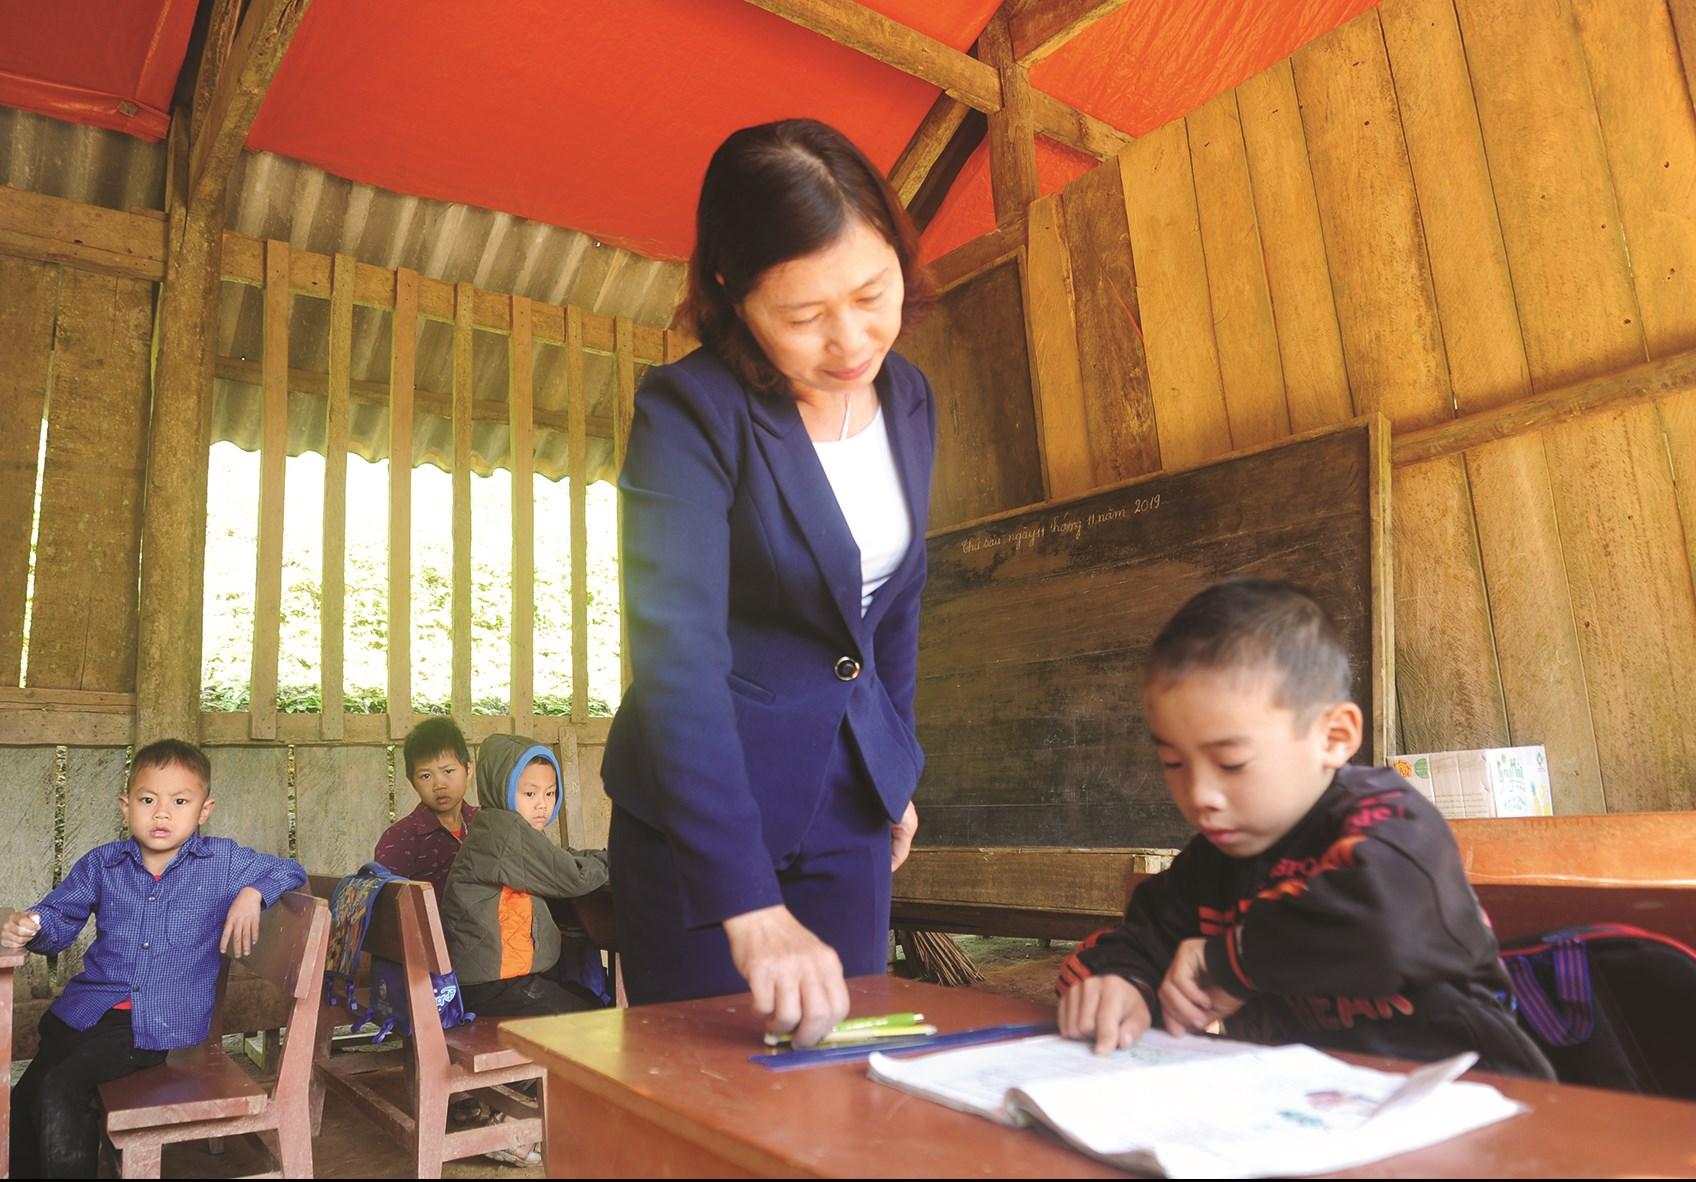 Cô giáo Nguyễn Minh Duyên, điểm trường Tiểu học Tâm Mi thuộc Trường Tiểu học Công Đa (Yên Sơn) trong một tiết học dạy lớp 1